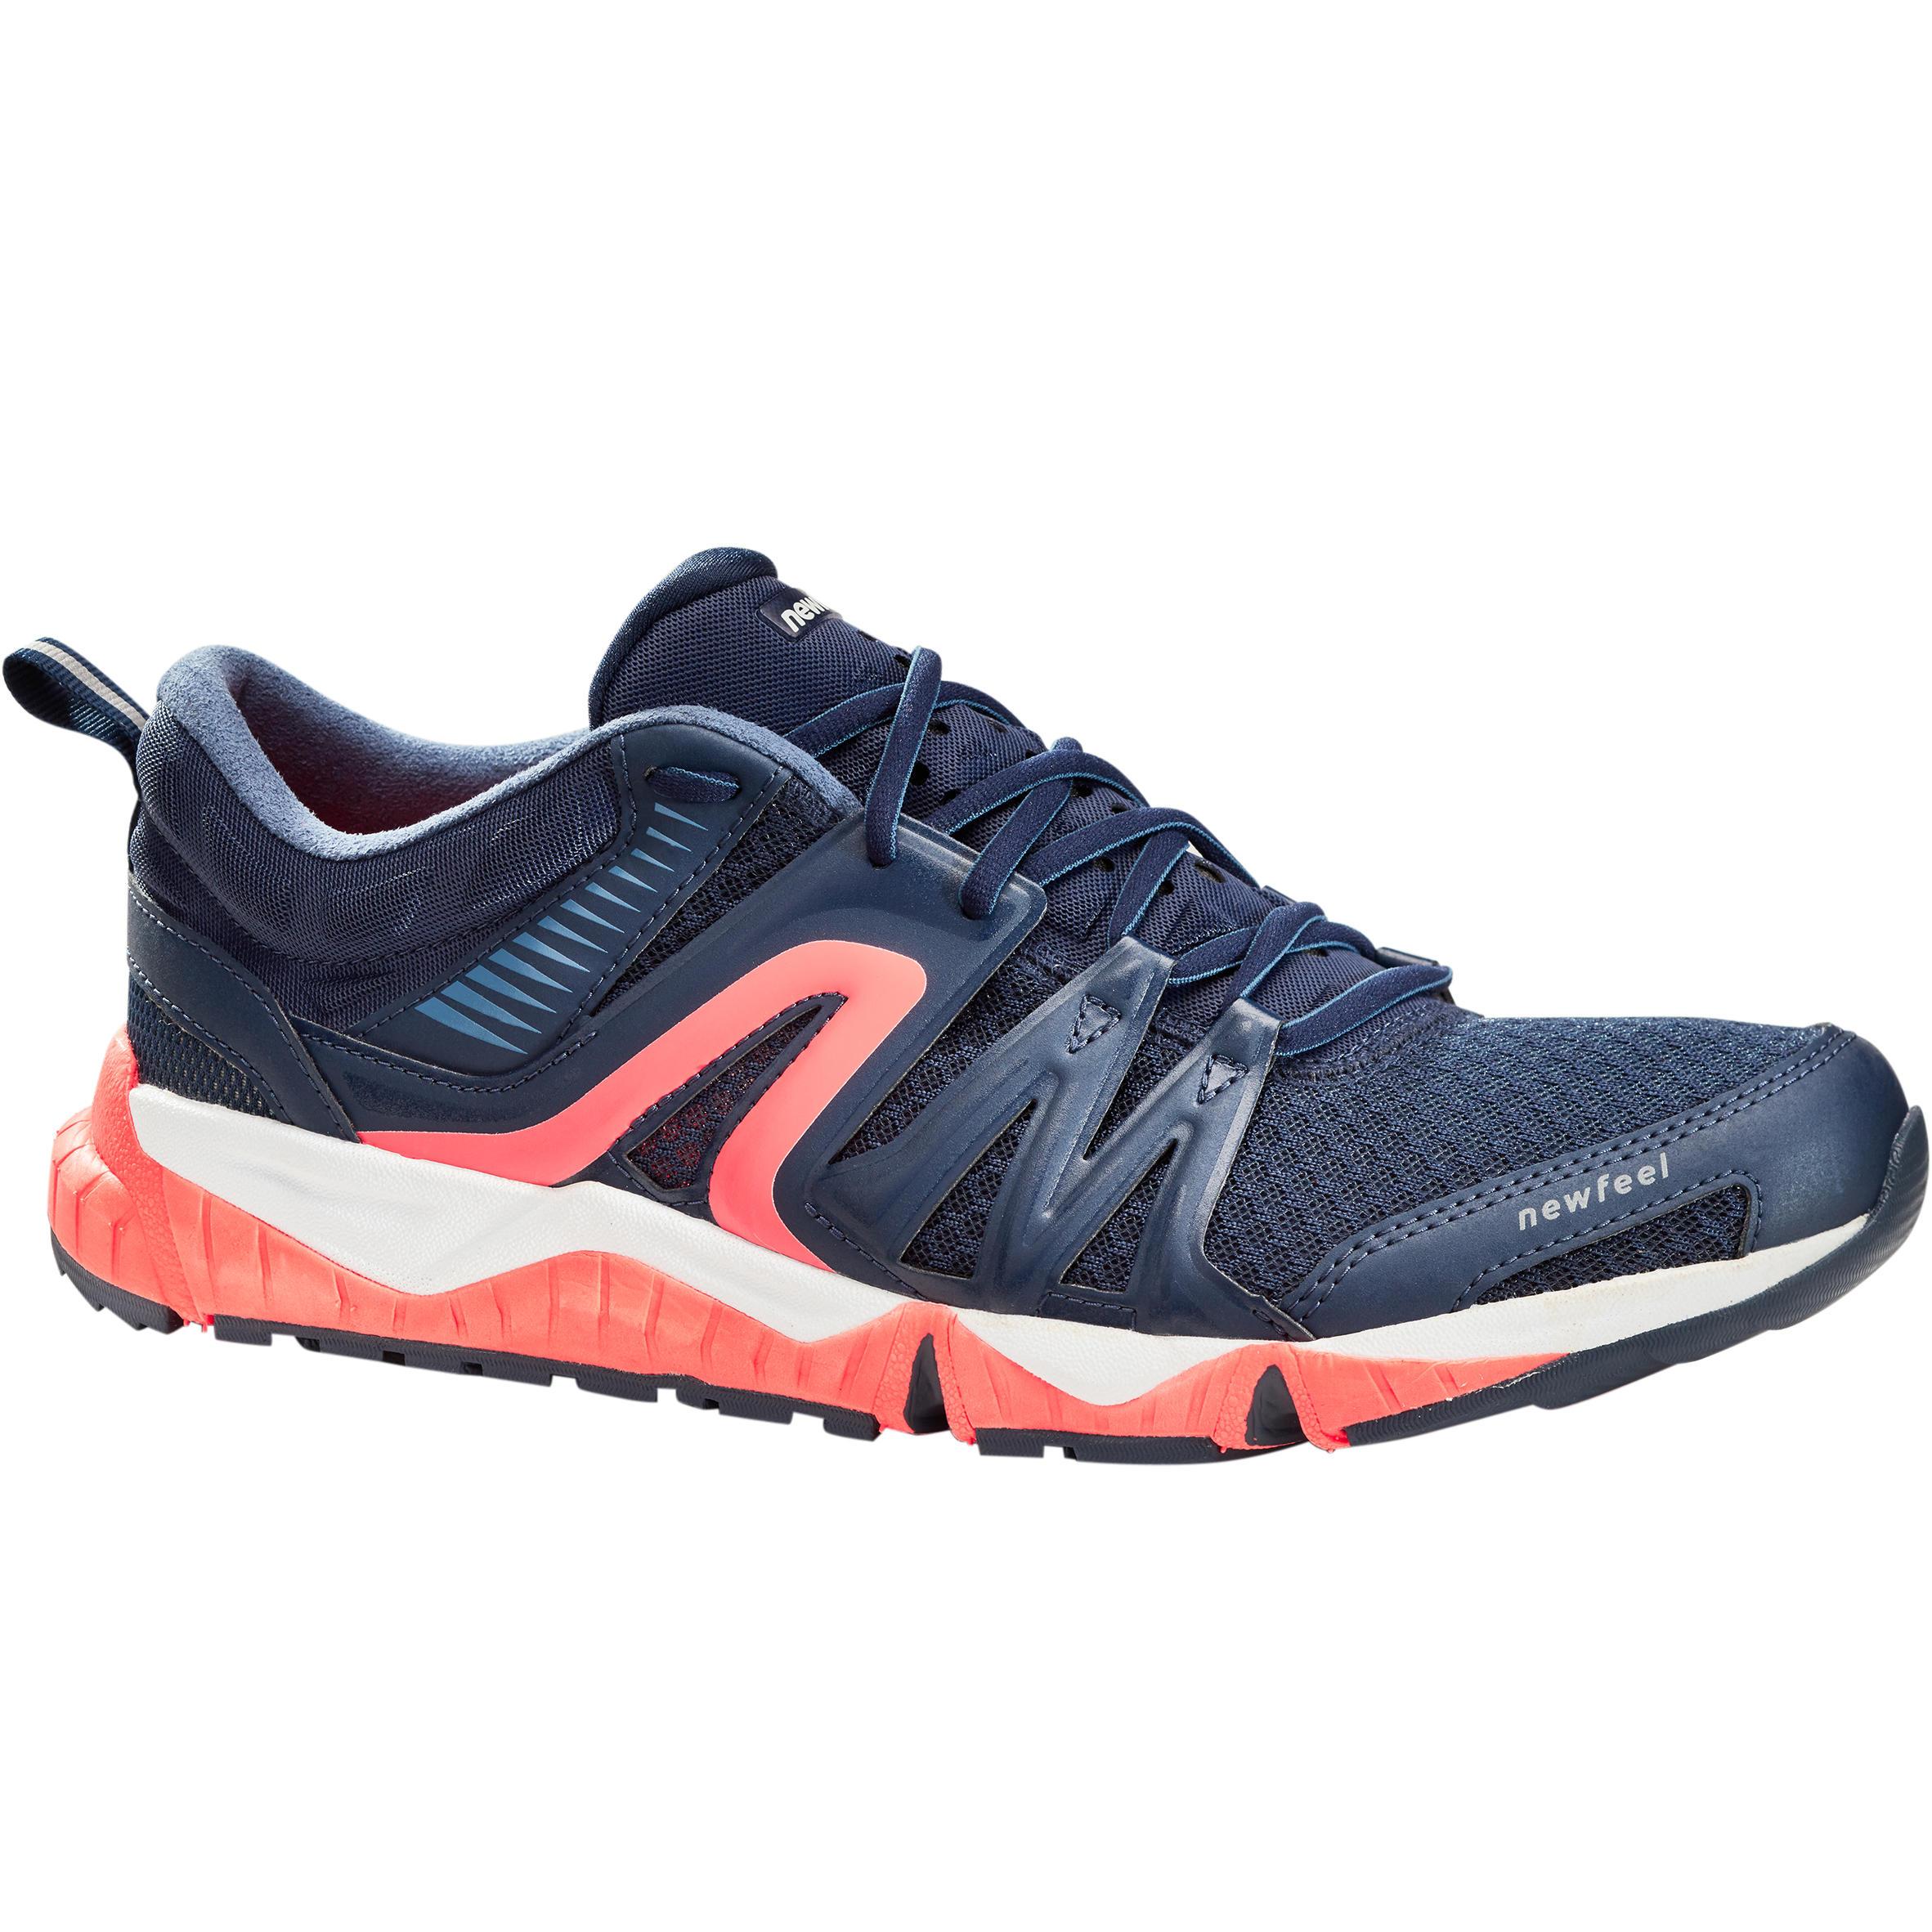 Newfeel Herensneakers voor sportief wandelen PW 900 Propulse Motion blauw